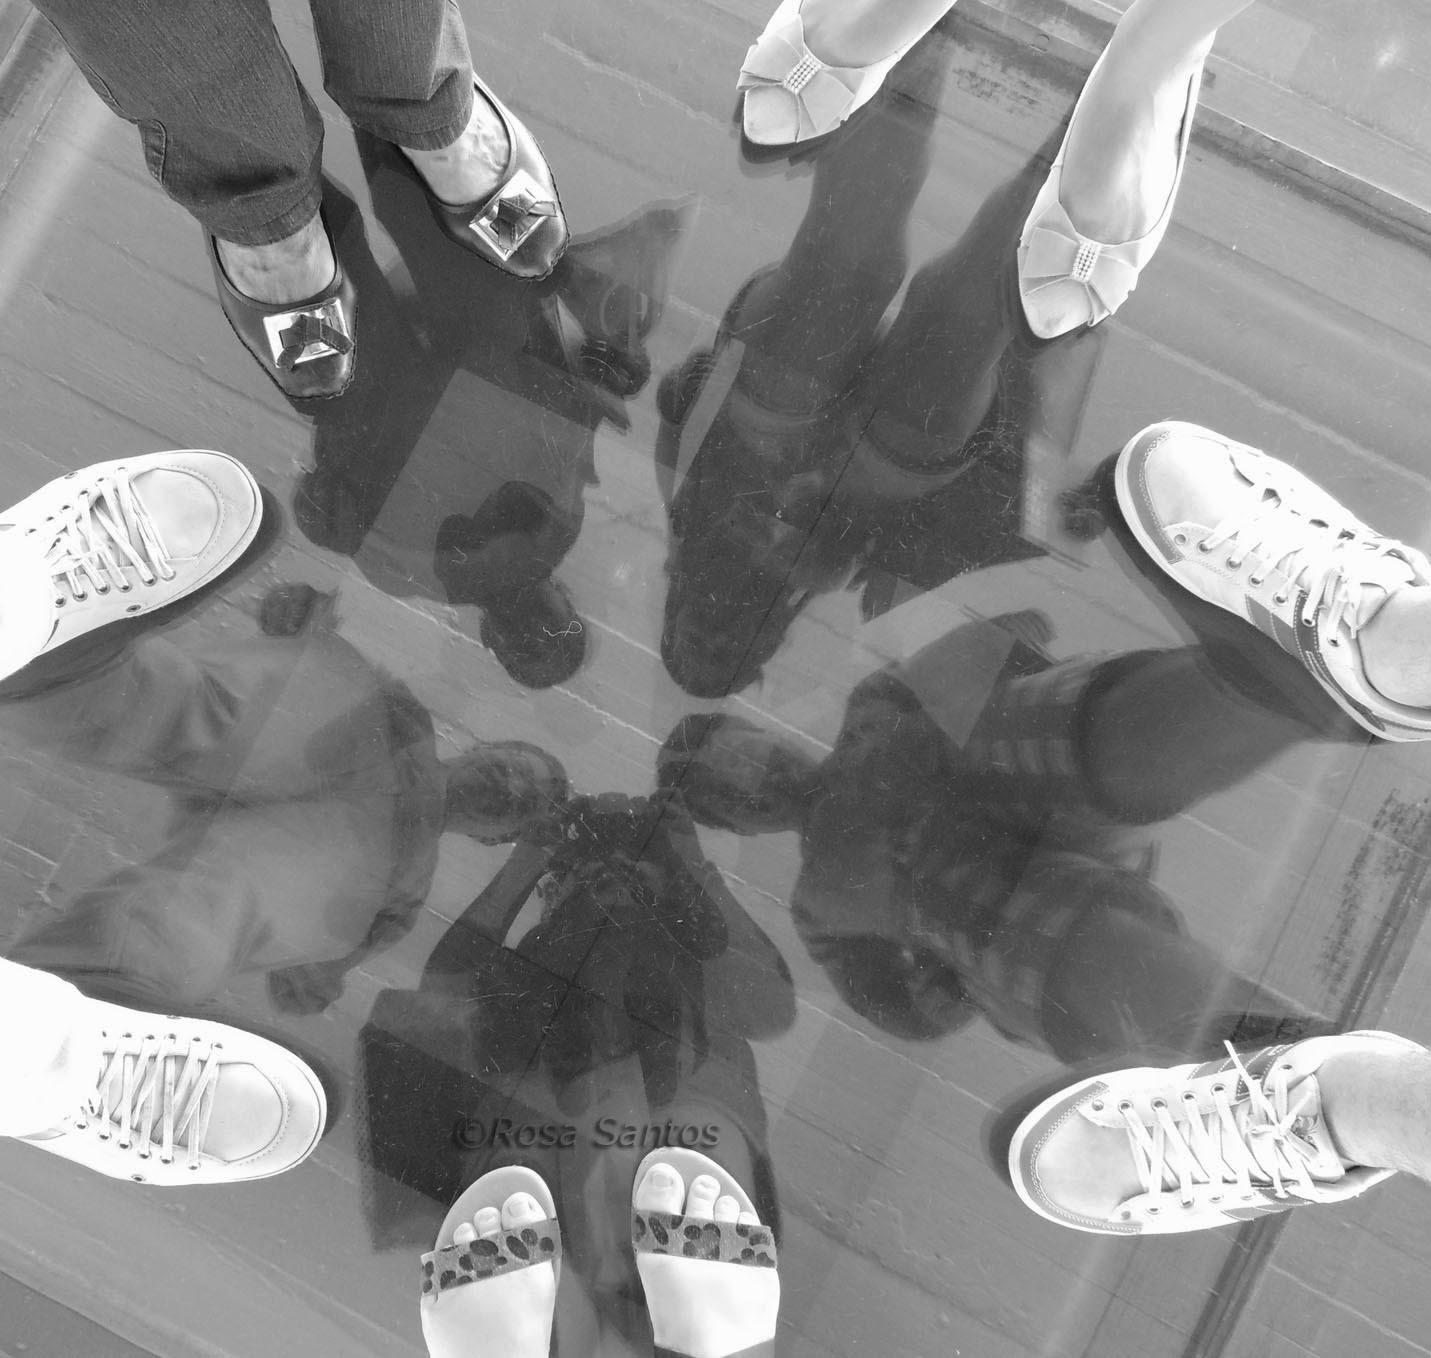 Fotografia monocromática, P e B. Pés calçados de cinco pessoas juntas, estão nítidos, posicionados em círculo sobre piso de vidro transparente. Imagens dos corpos a partir das pernas até as cabeças, apenas são vistos no vidro com baixa nitidez. Os corpos estão concêntricos. No sentido horário, de baixo para cima, uma mulher segurando um objeto, um homem, uma mulher, outra mulher e outro homem.